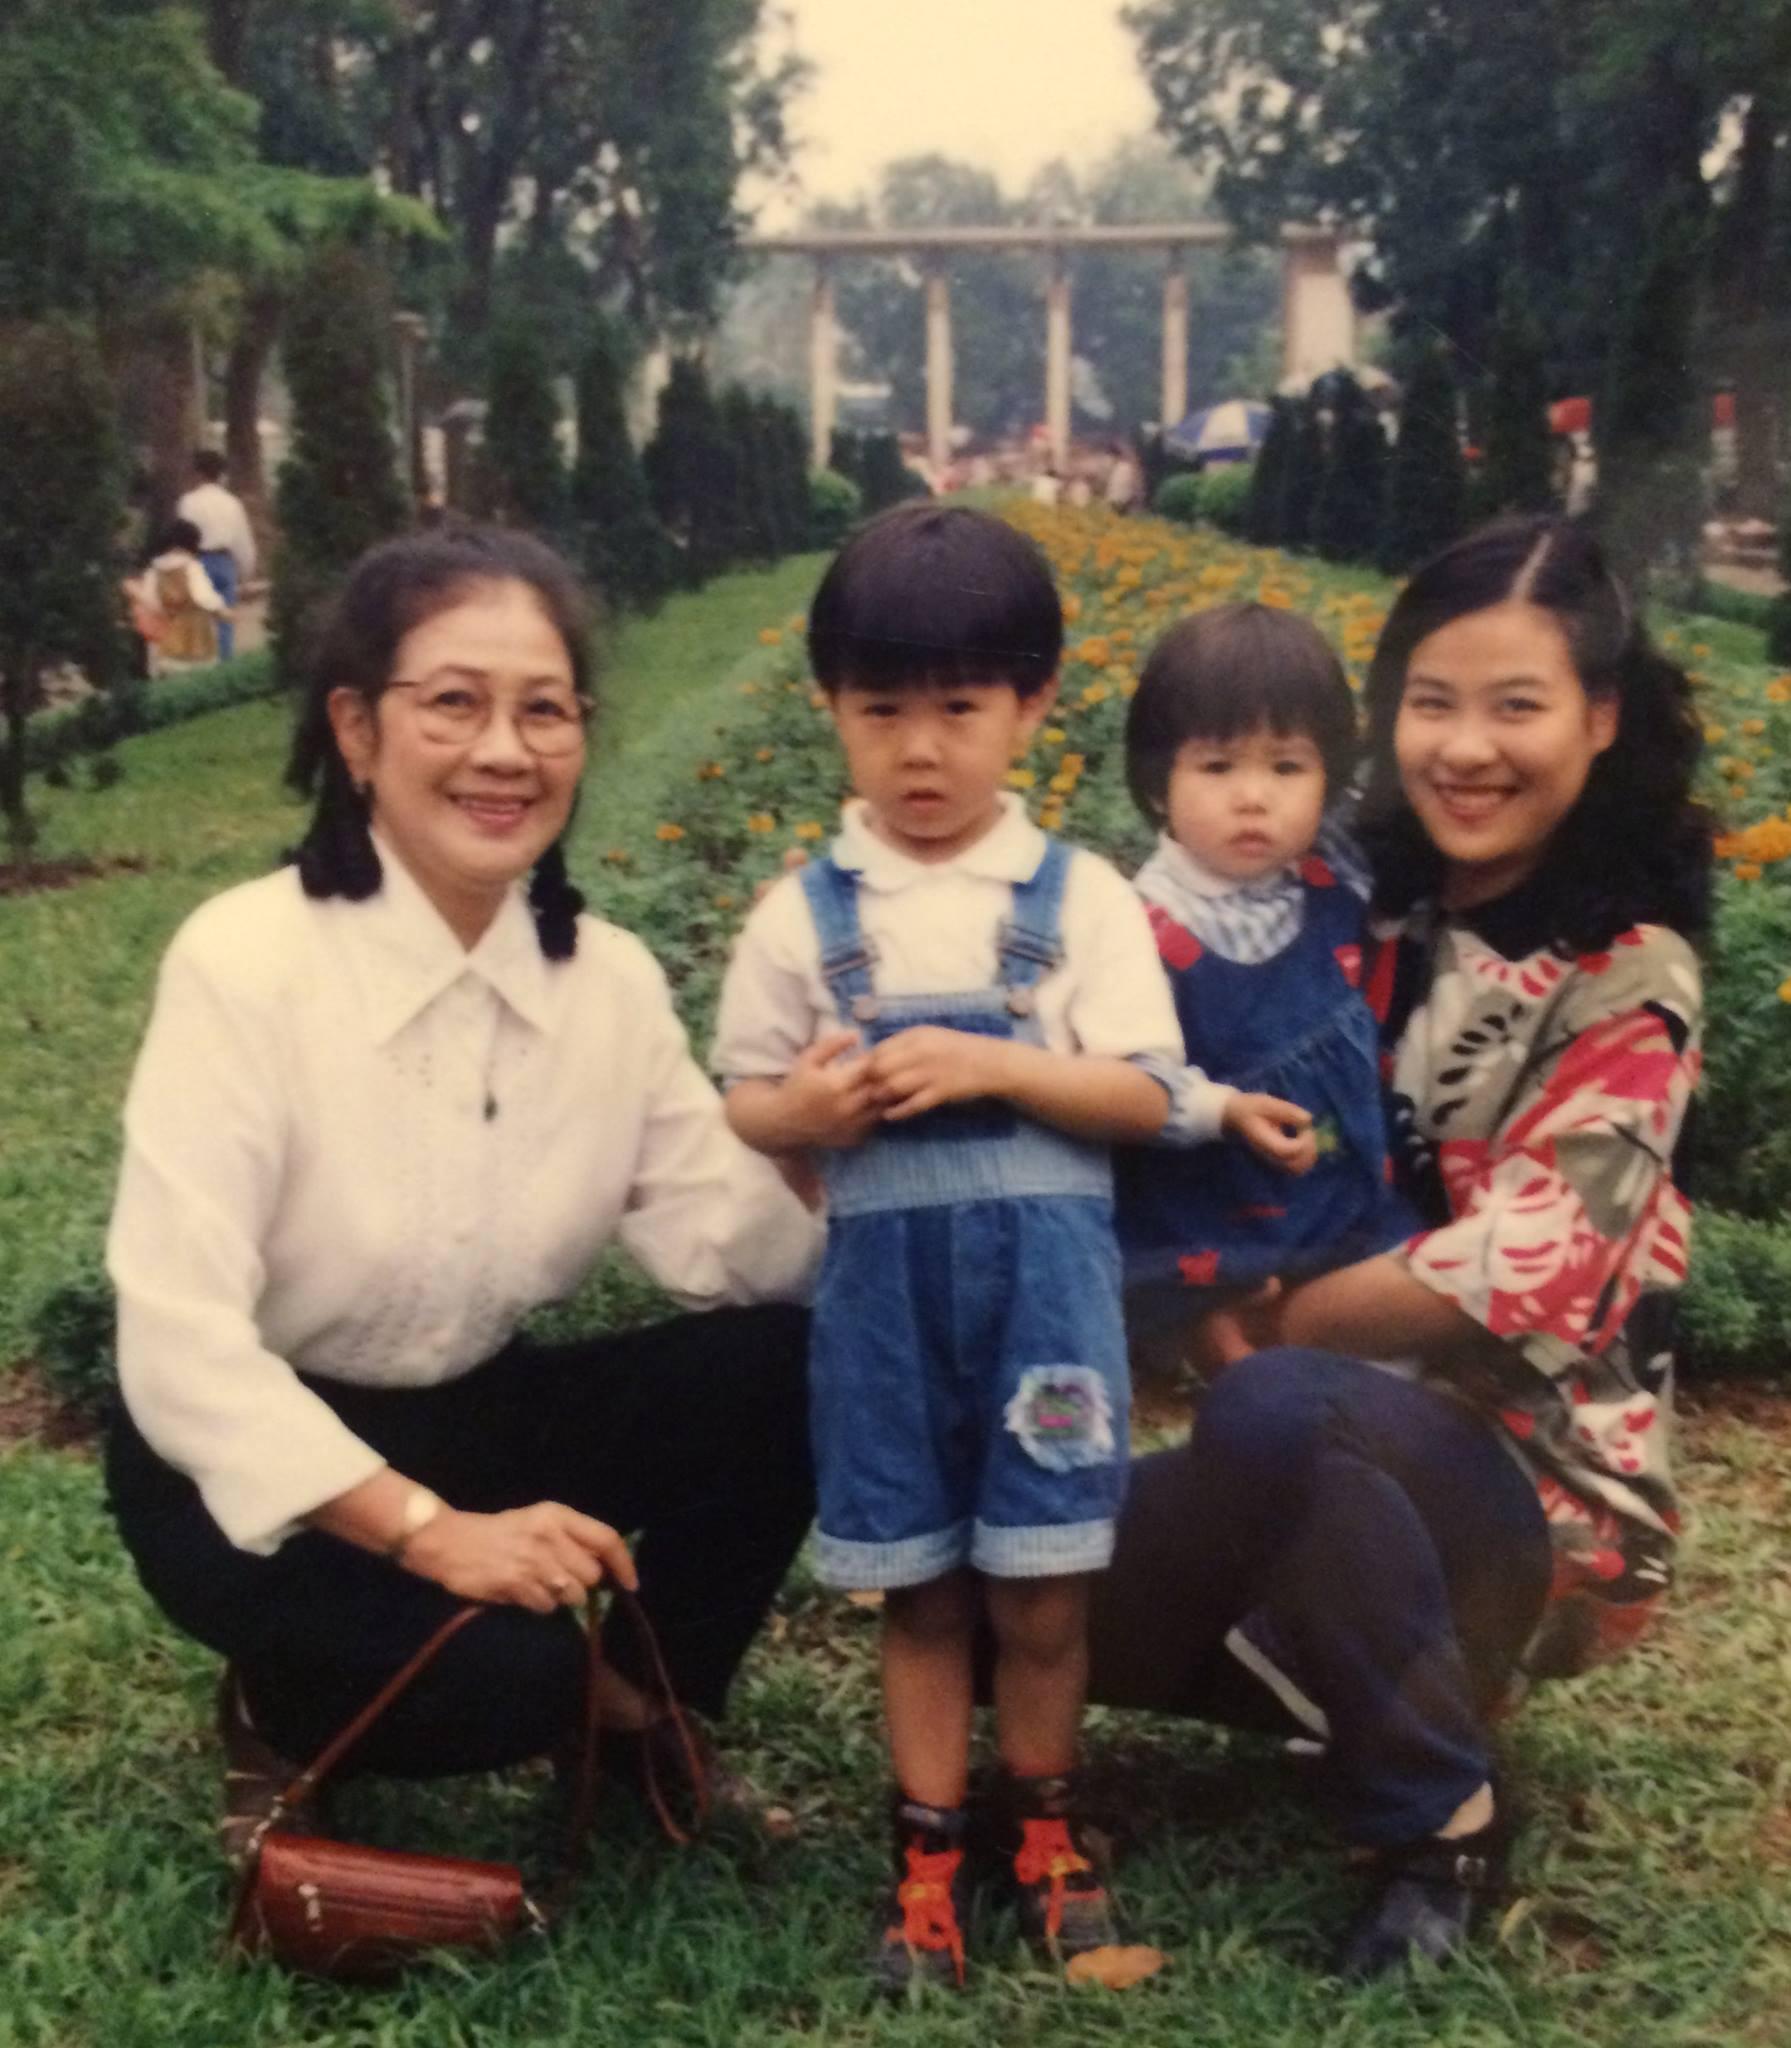 Còn nghi ngờ gì nữa, đây là tuổi thơ dữ dội mà các hot boy Việt chỉ muốn giữ cho riêng mình! - Ảnh 24.